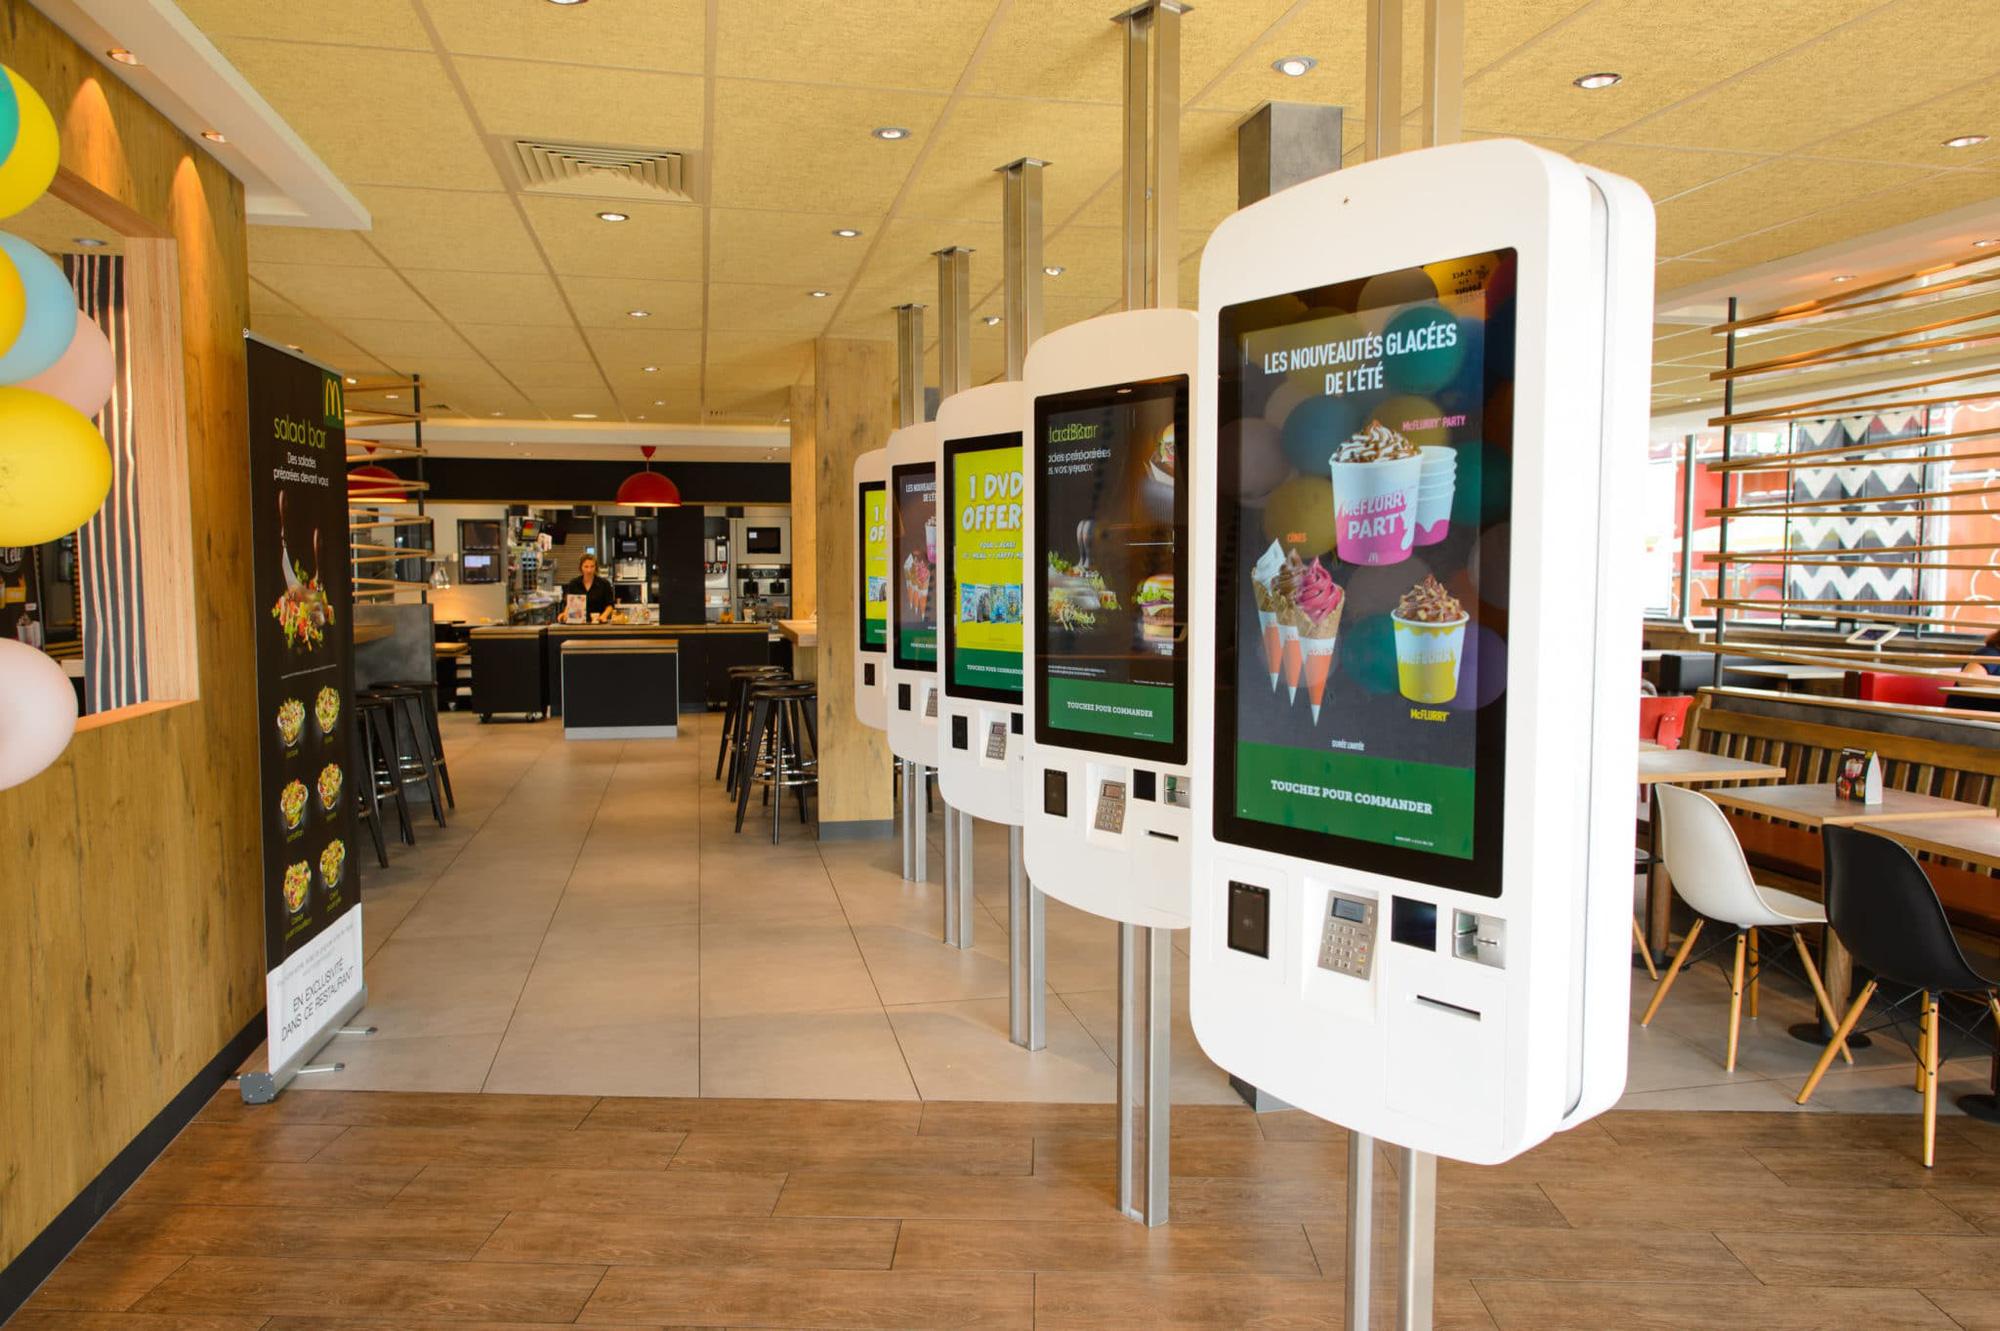 Chúng ta đang dần bước vào một kỷ nguyên mới của ngành công nghiệp nhà hàng được định hình bởi công nghệ, bán tự động hóa và hiệu quả. Ảnh: @AFP.